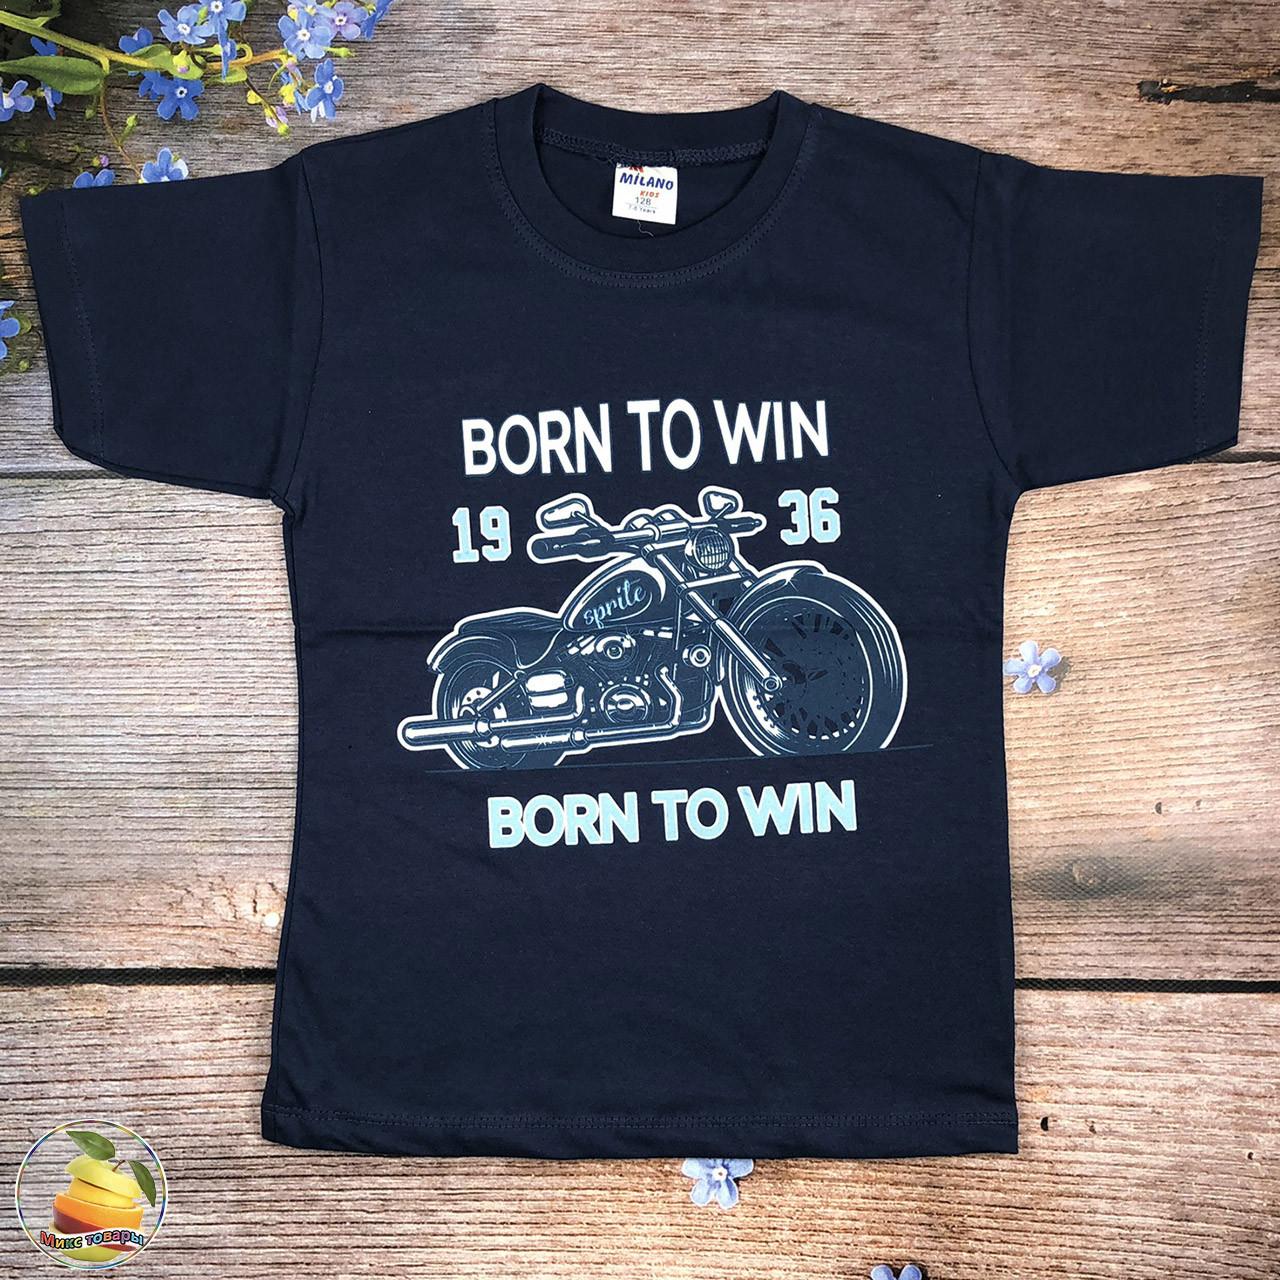 Подростковая футболка с мотоциклом Размеры: 128,140,152,164,176 см (20086-1)